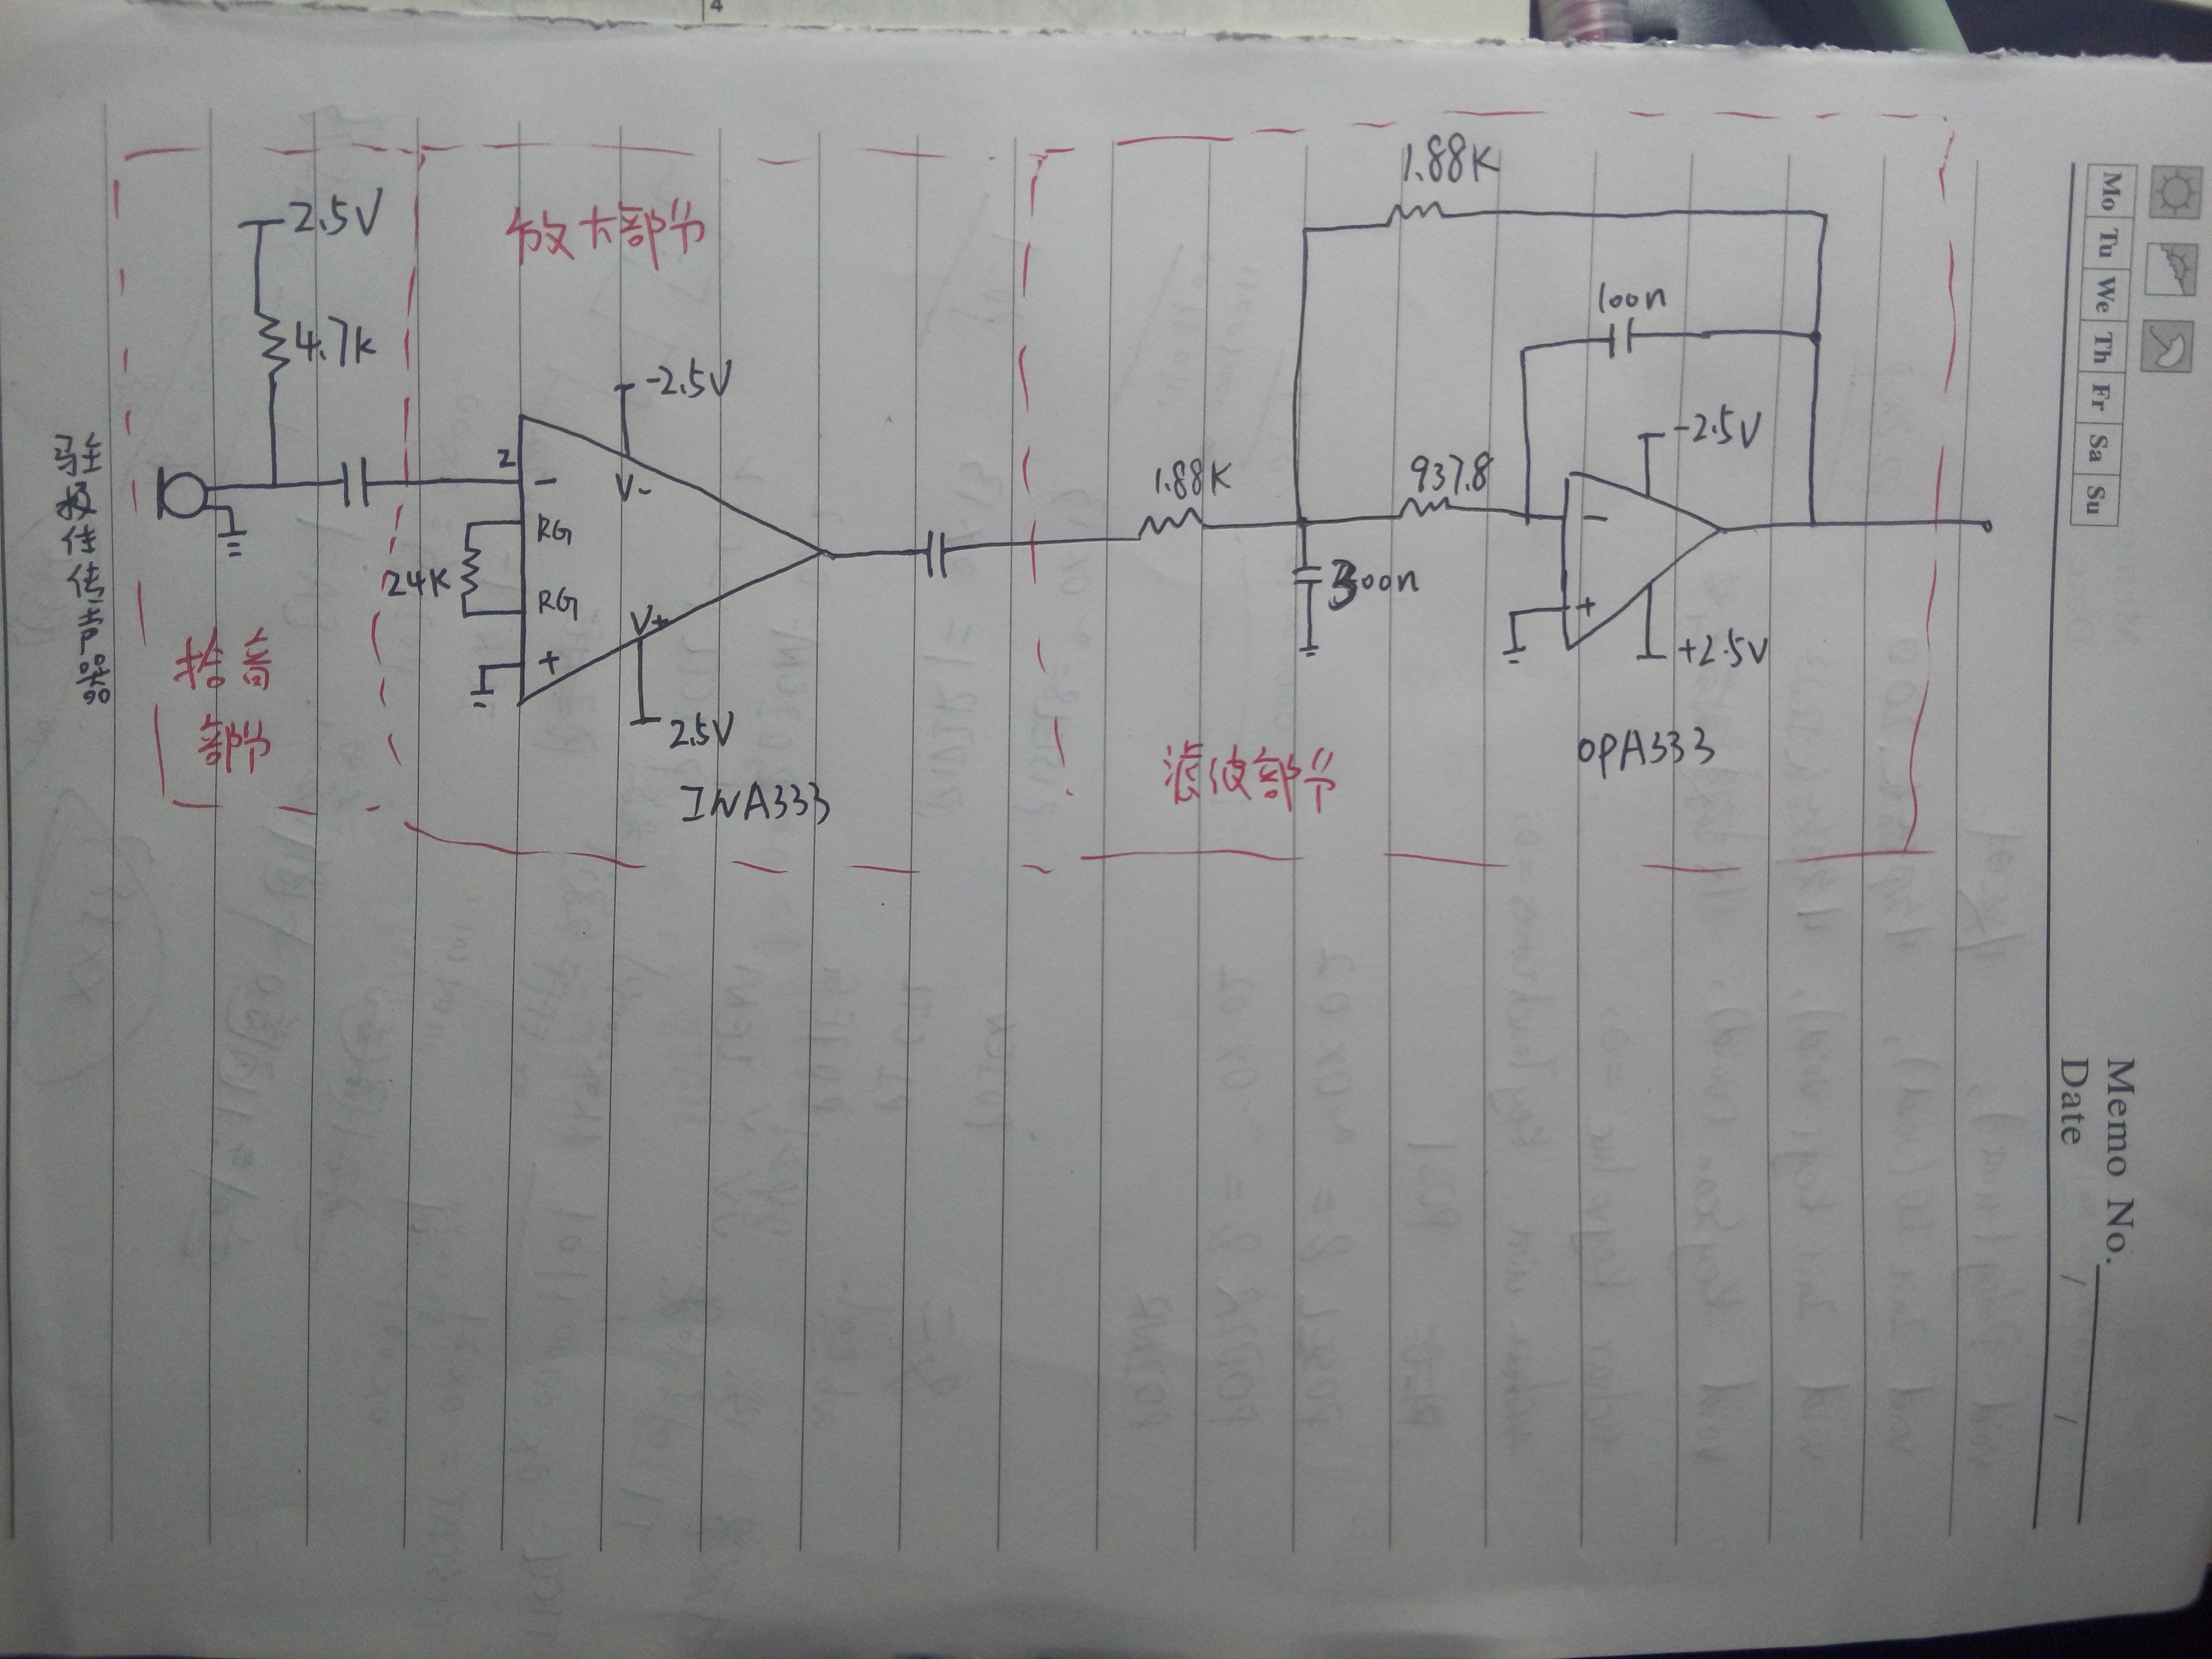 你好, 大概计算了一下你的滤波电路带宽太小了,用的电容太大, 请访问http://www.ti.com/sitesearch/docs/universalsearch.tsp?searchTerm=opa333#linkId=1&src=top, 通过TI的webench重新仿真一组低通滤波器参数再试一下。